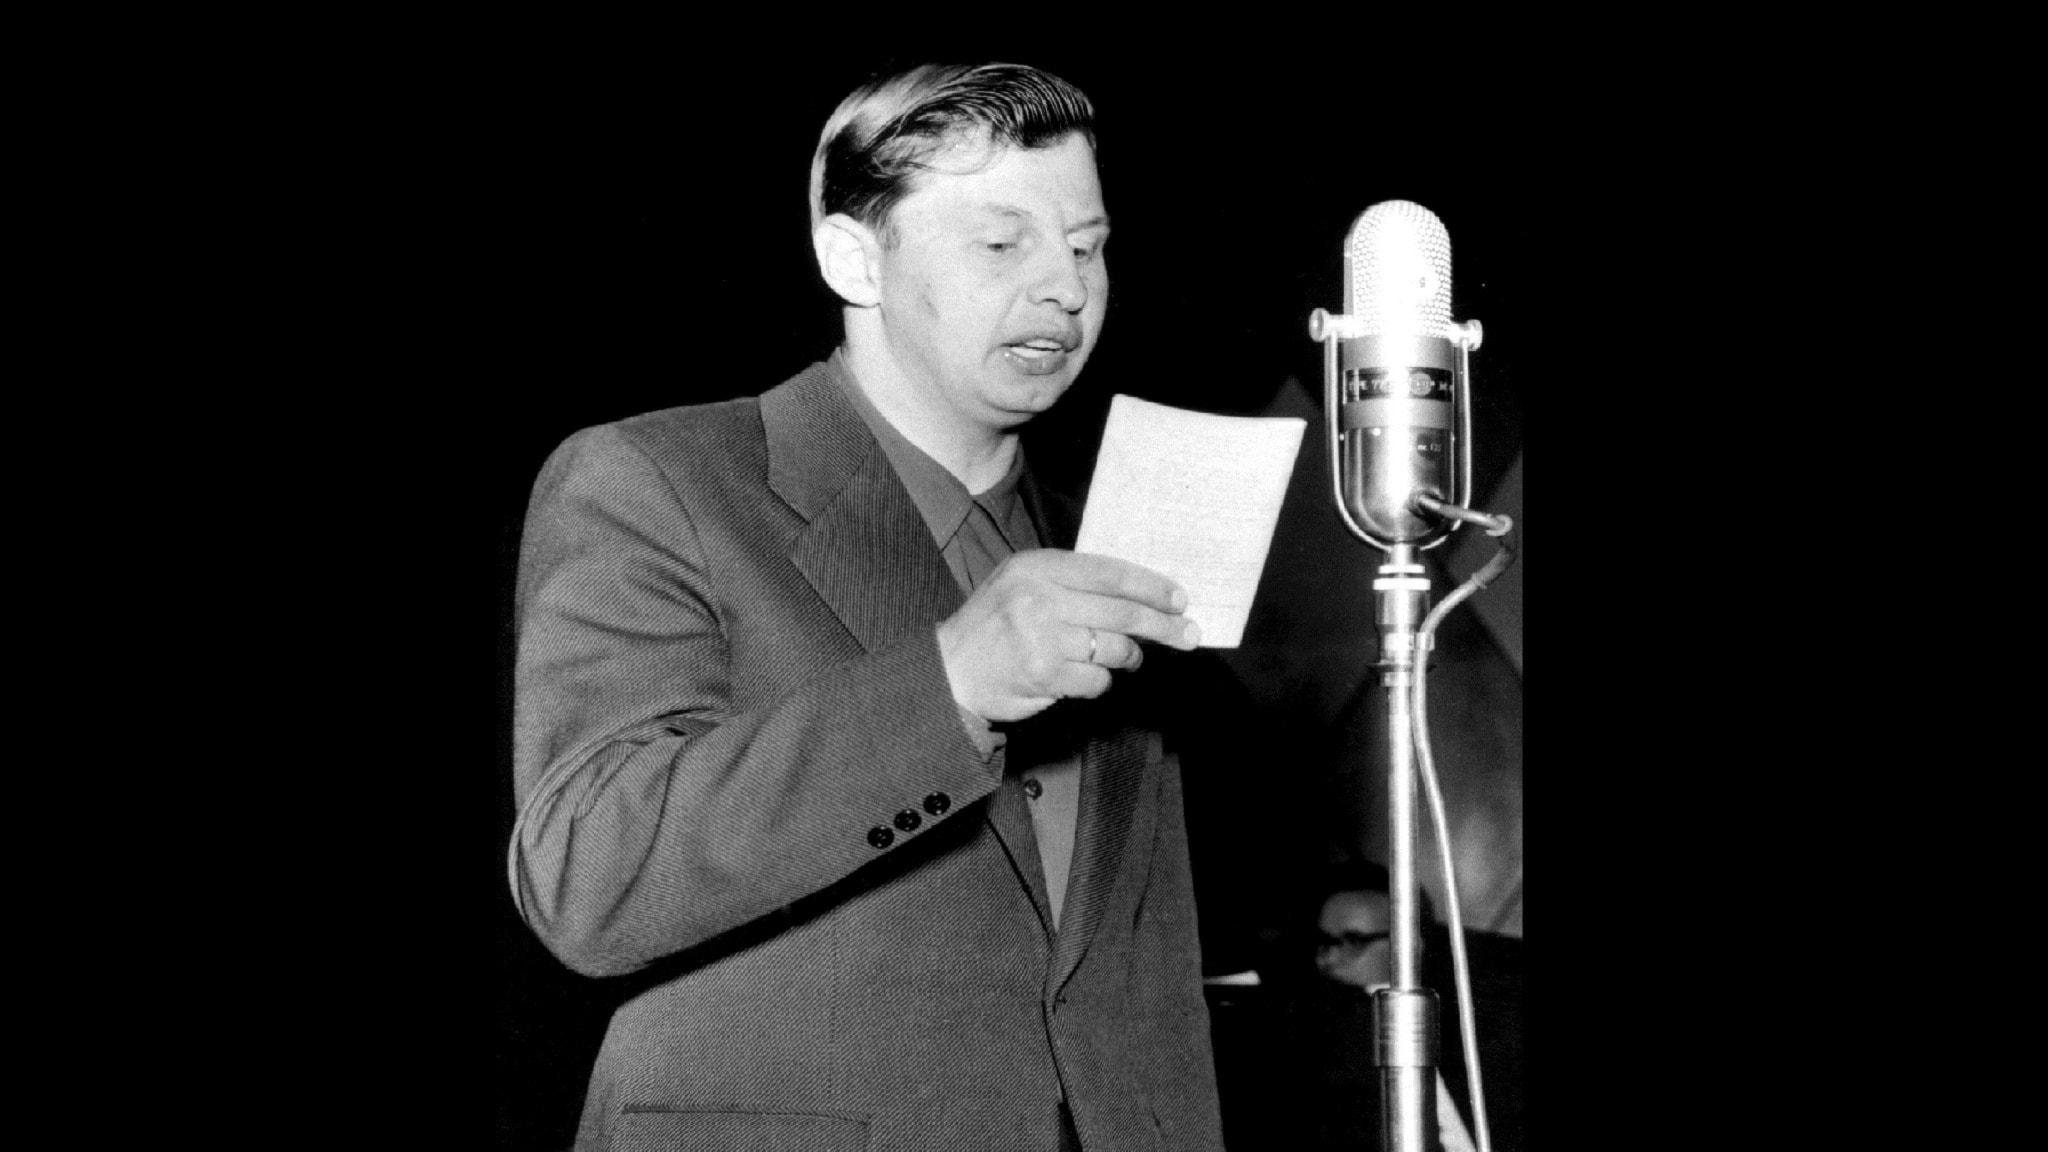 Bilden visar Snoddas vid en mikrofon på 1950-talet.